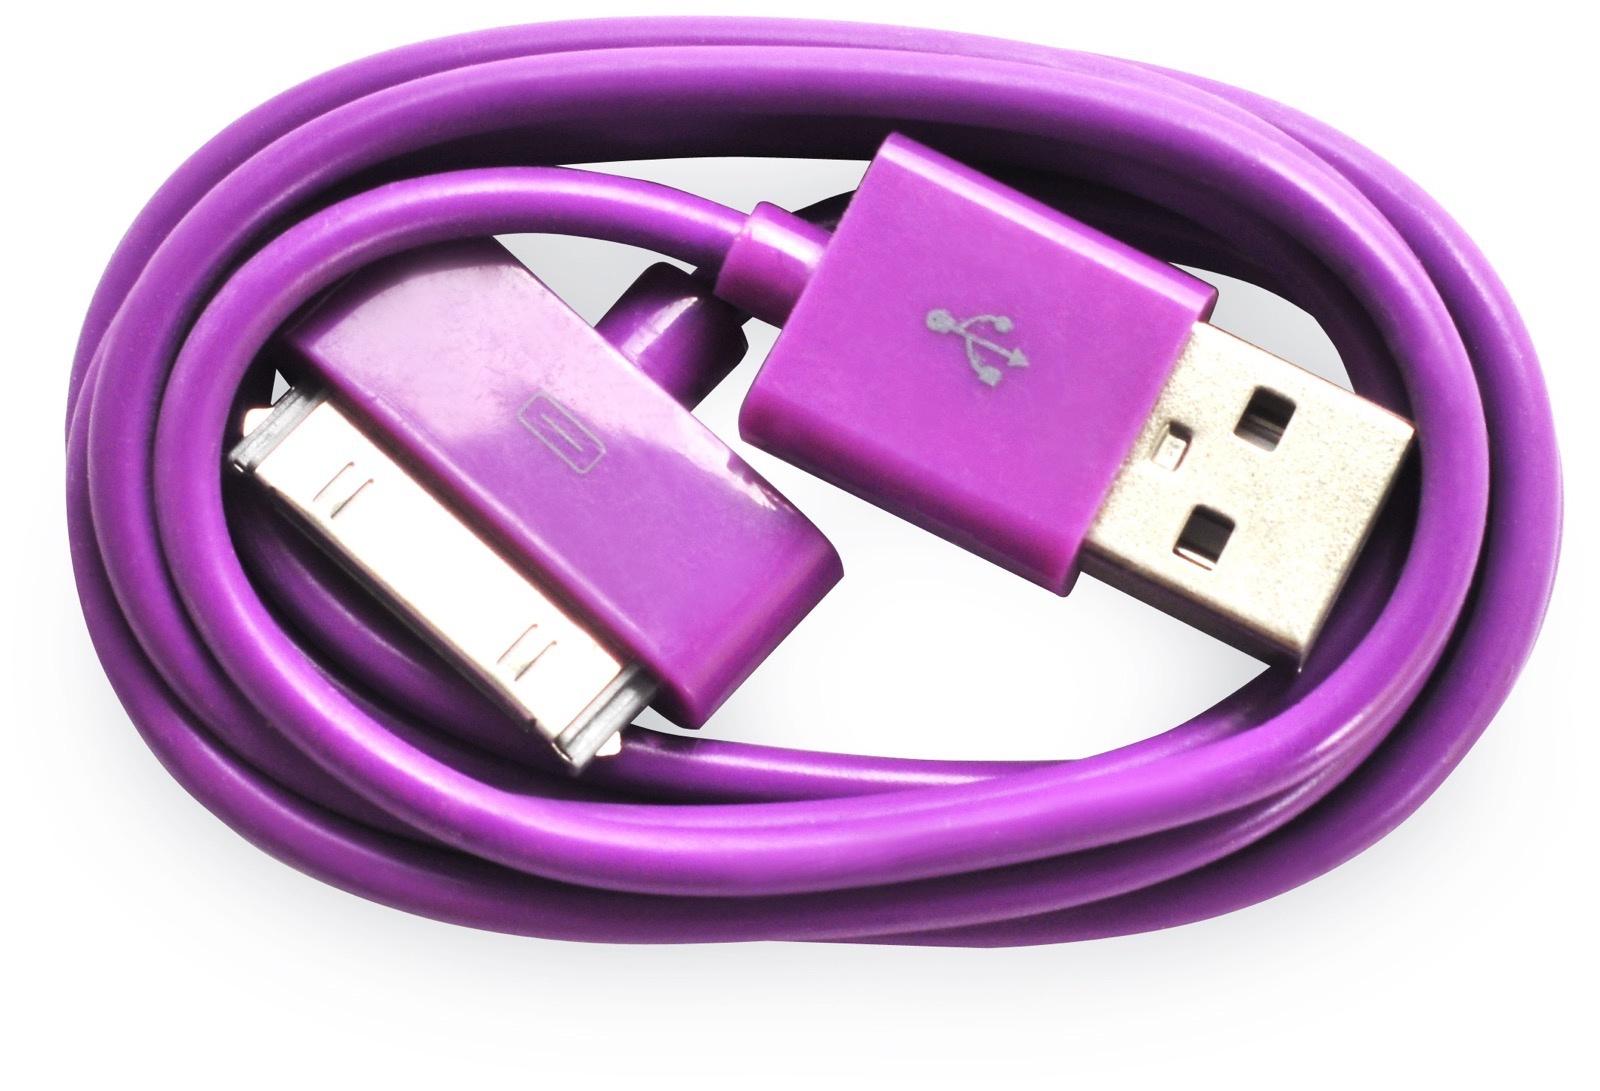 Кабель Gurdini 30- pin 70 см violet для Apple iPhone, iPad, iPod, фиолетовый кабель hama 30 pin apple usb 2 0 черный 1м для apple iphone 3g 3gs 4 4s 00093577